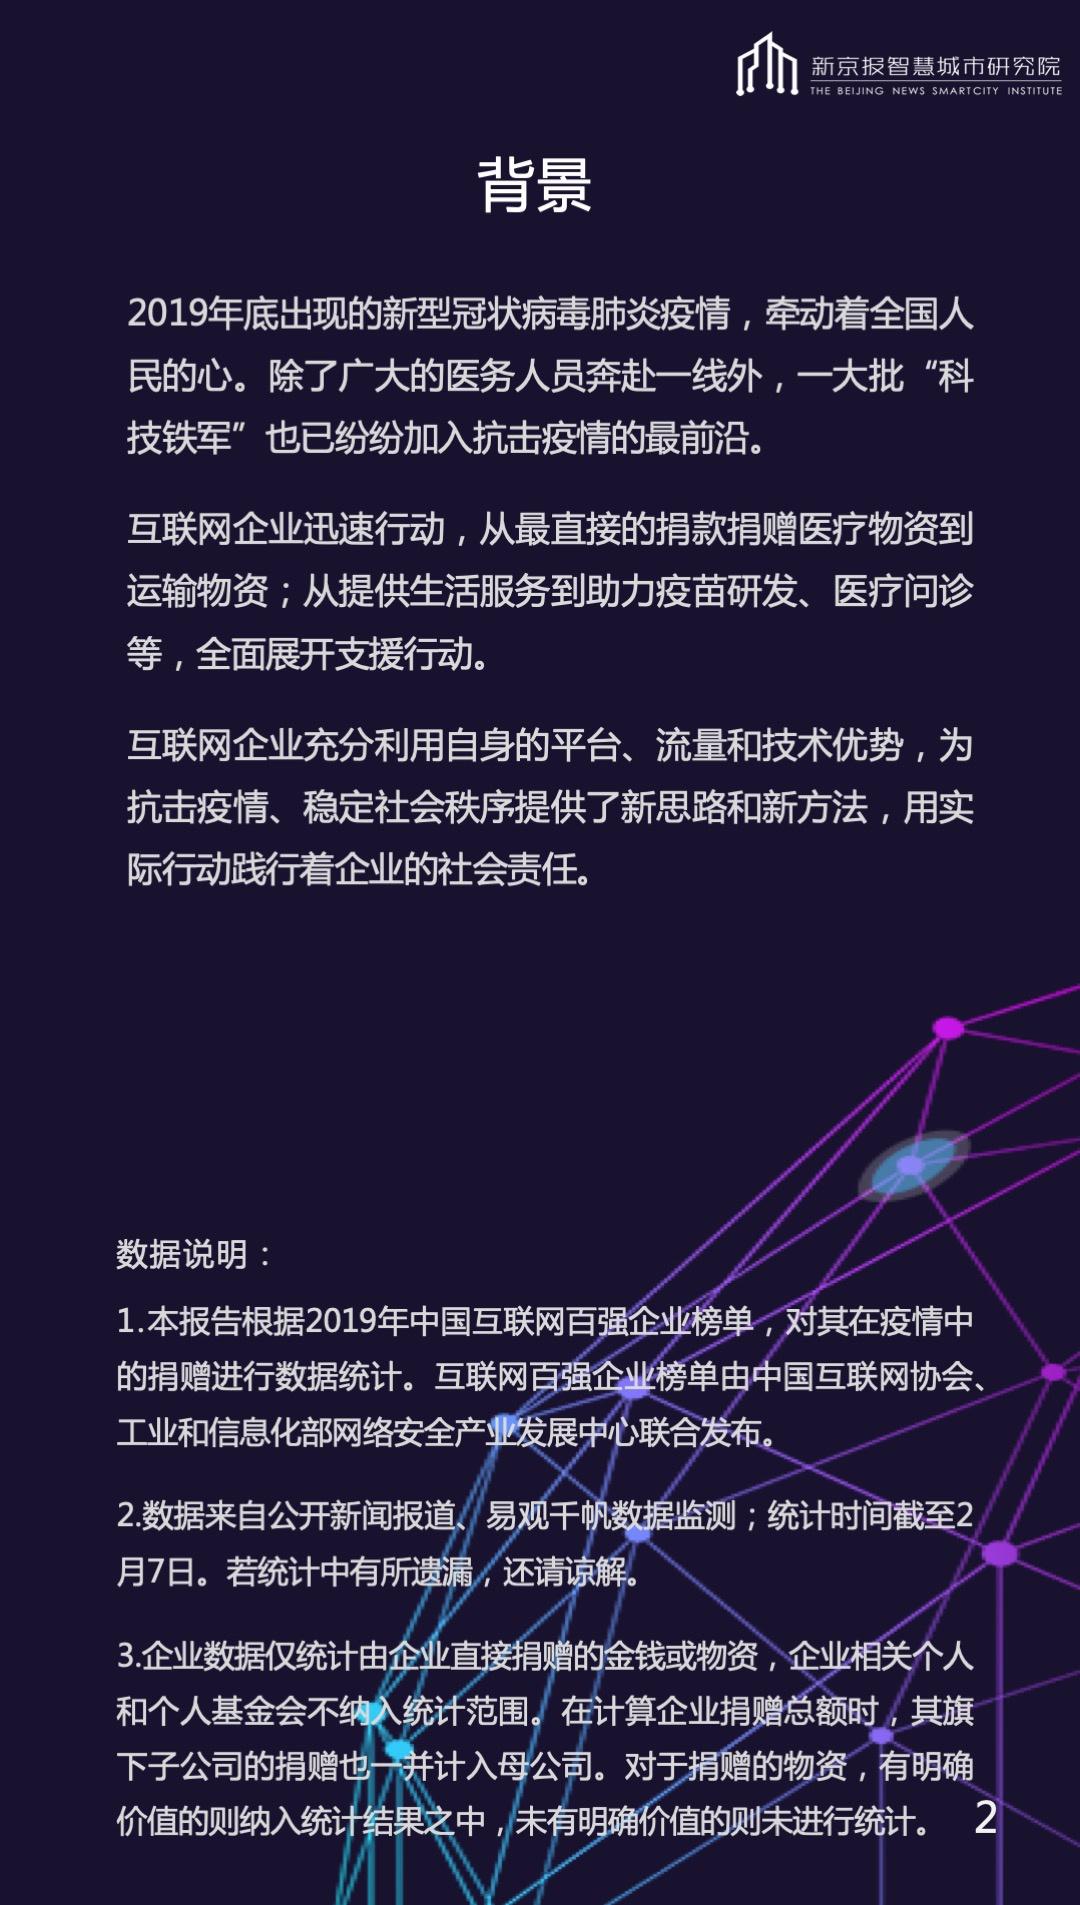 乌天鹅:周乌鸭、良品展子去自武汉 网友称:没有敢吃